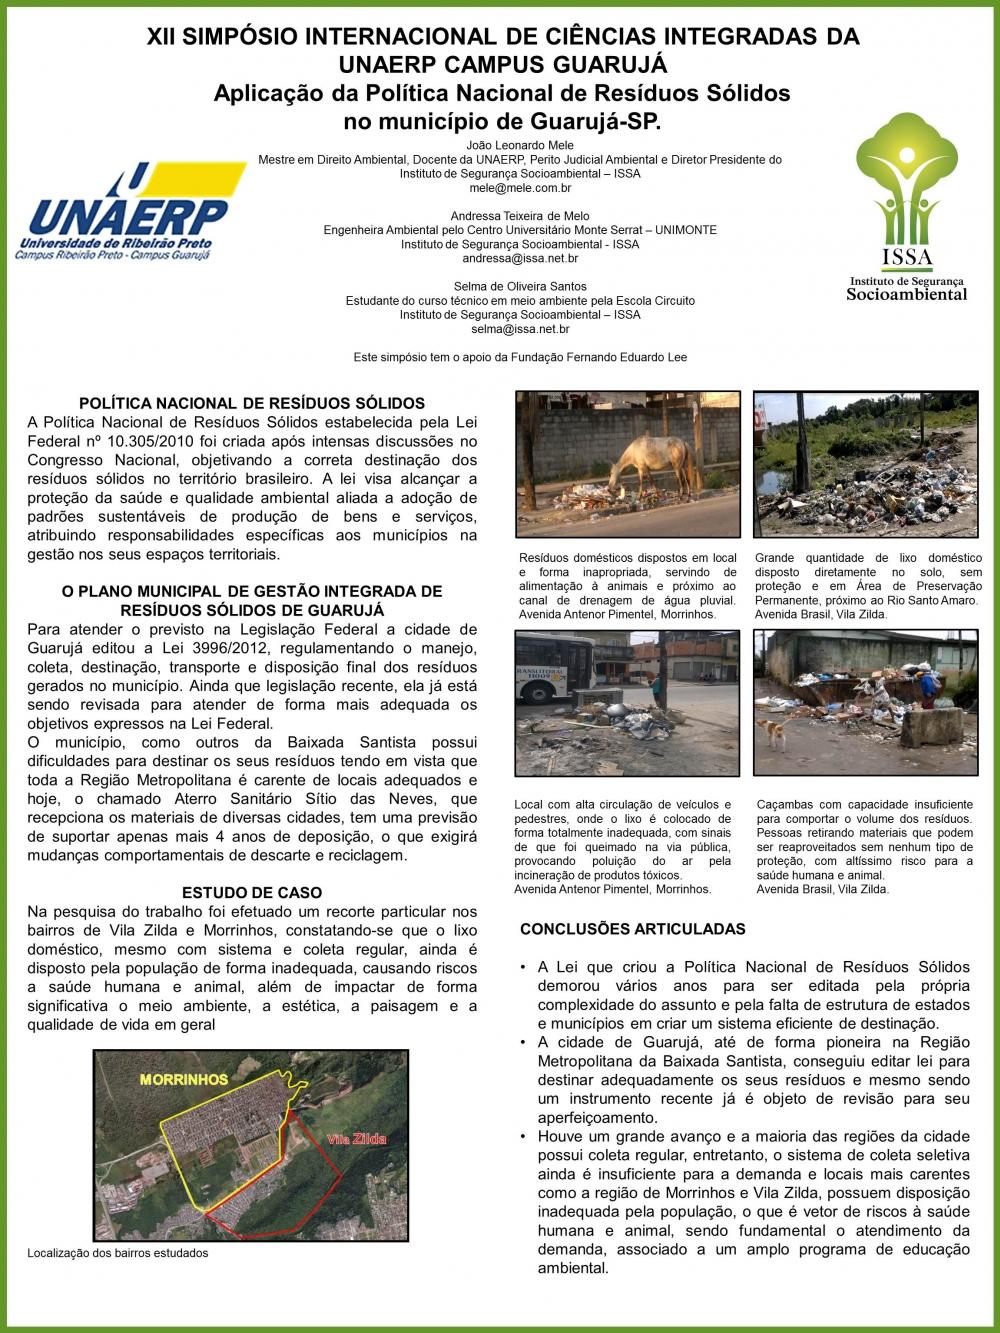 Aplicação da Política Nacional de Resíduos Sólidos no município de Guarujá-SP